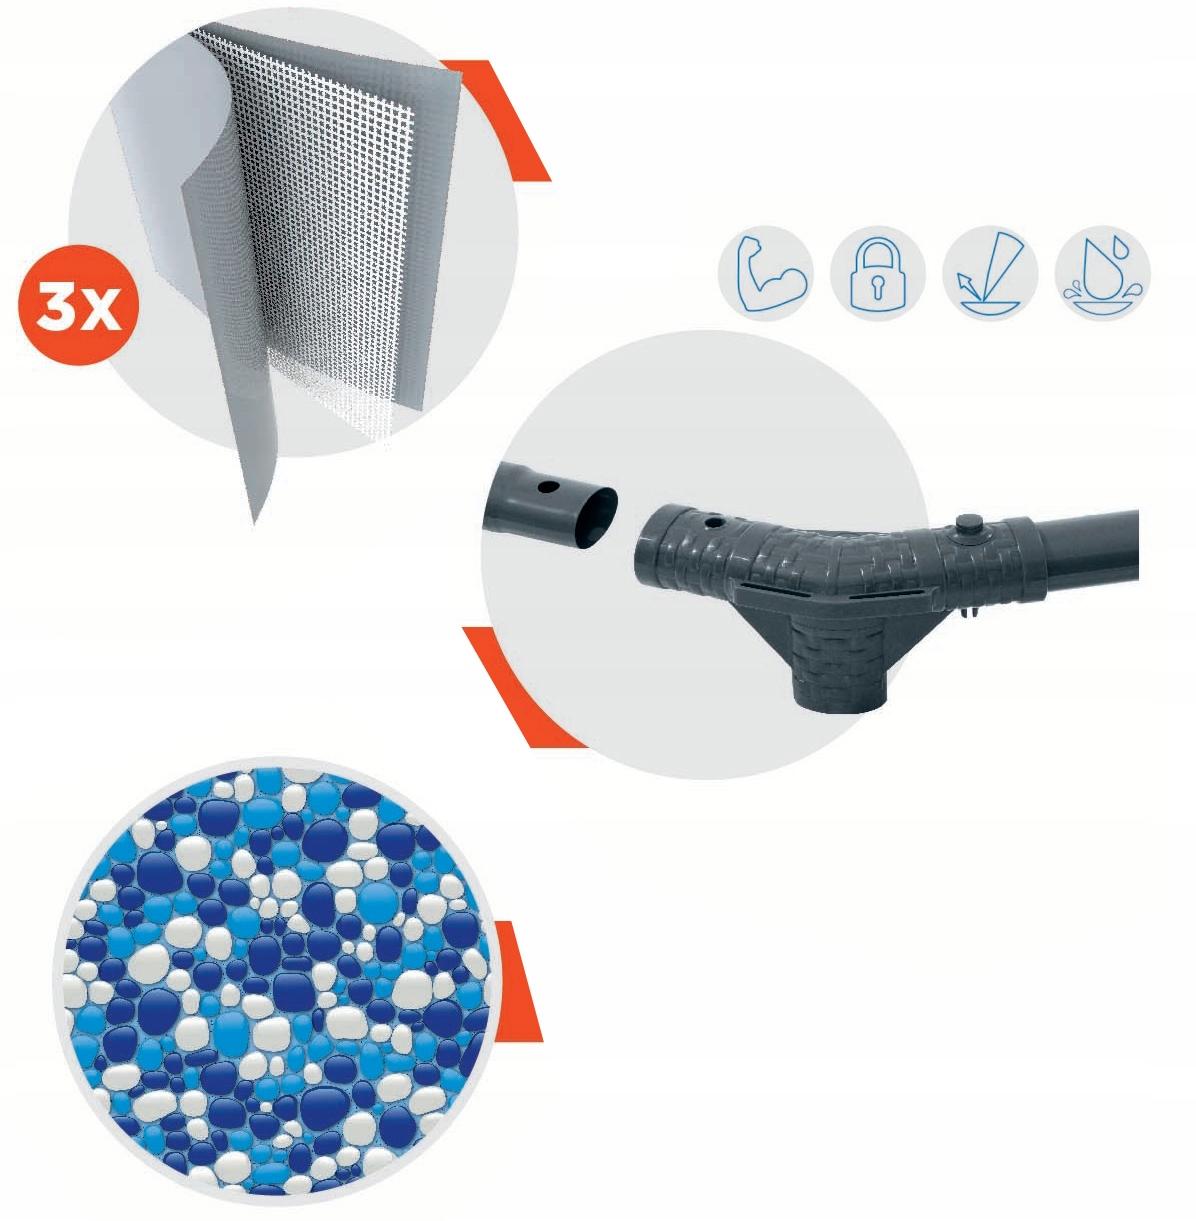 BASEN STELAŻOWY 56408, OGRODOWY 305x76cm + POMPA Seria Steel Pro Max 2021